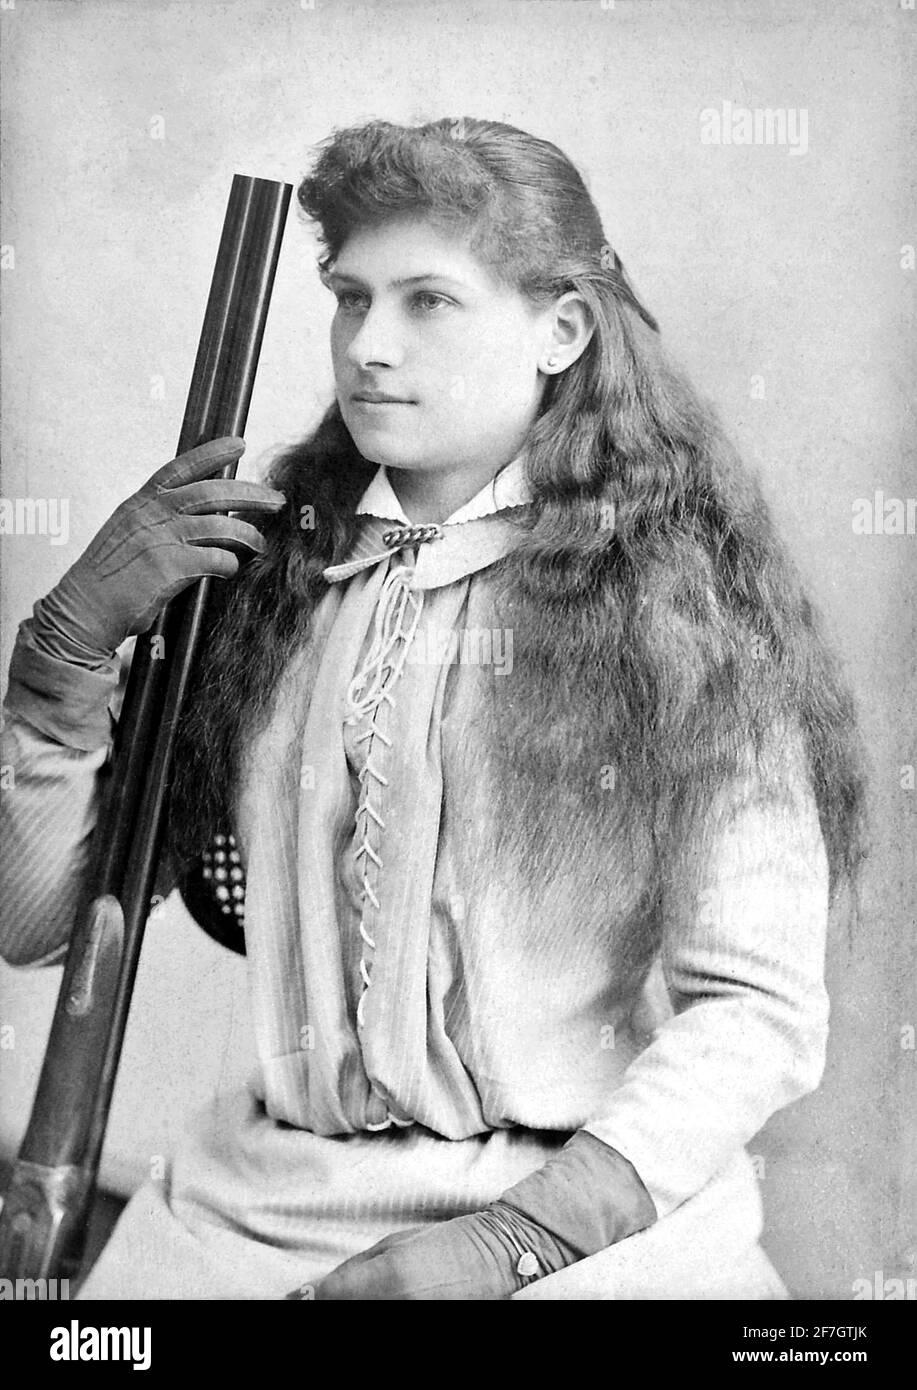 Annie Oakley. Portrait du célèbre sharpshooter américain, Annie Oakley (n. Phoebe Ann Mosey, 1860-1926) , c. 1880. Banque D'Images